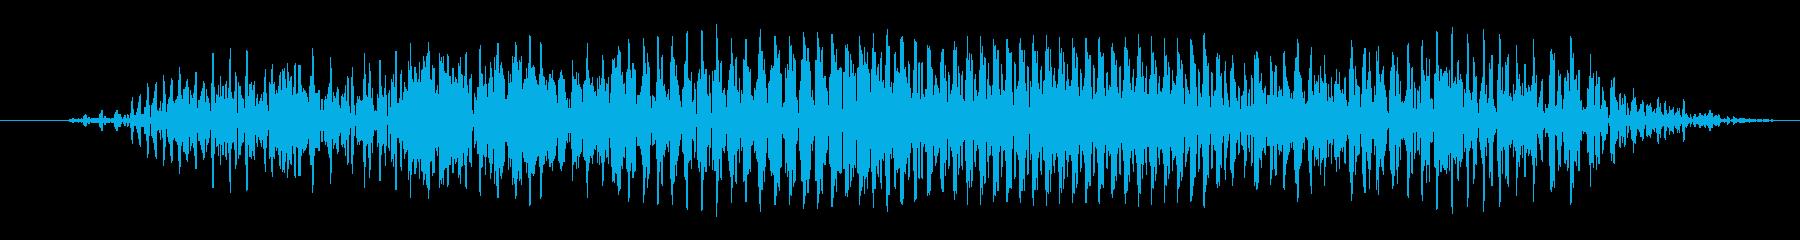 大クリーチャー:短いうなり声の再生済みの波形